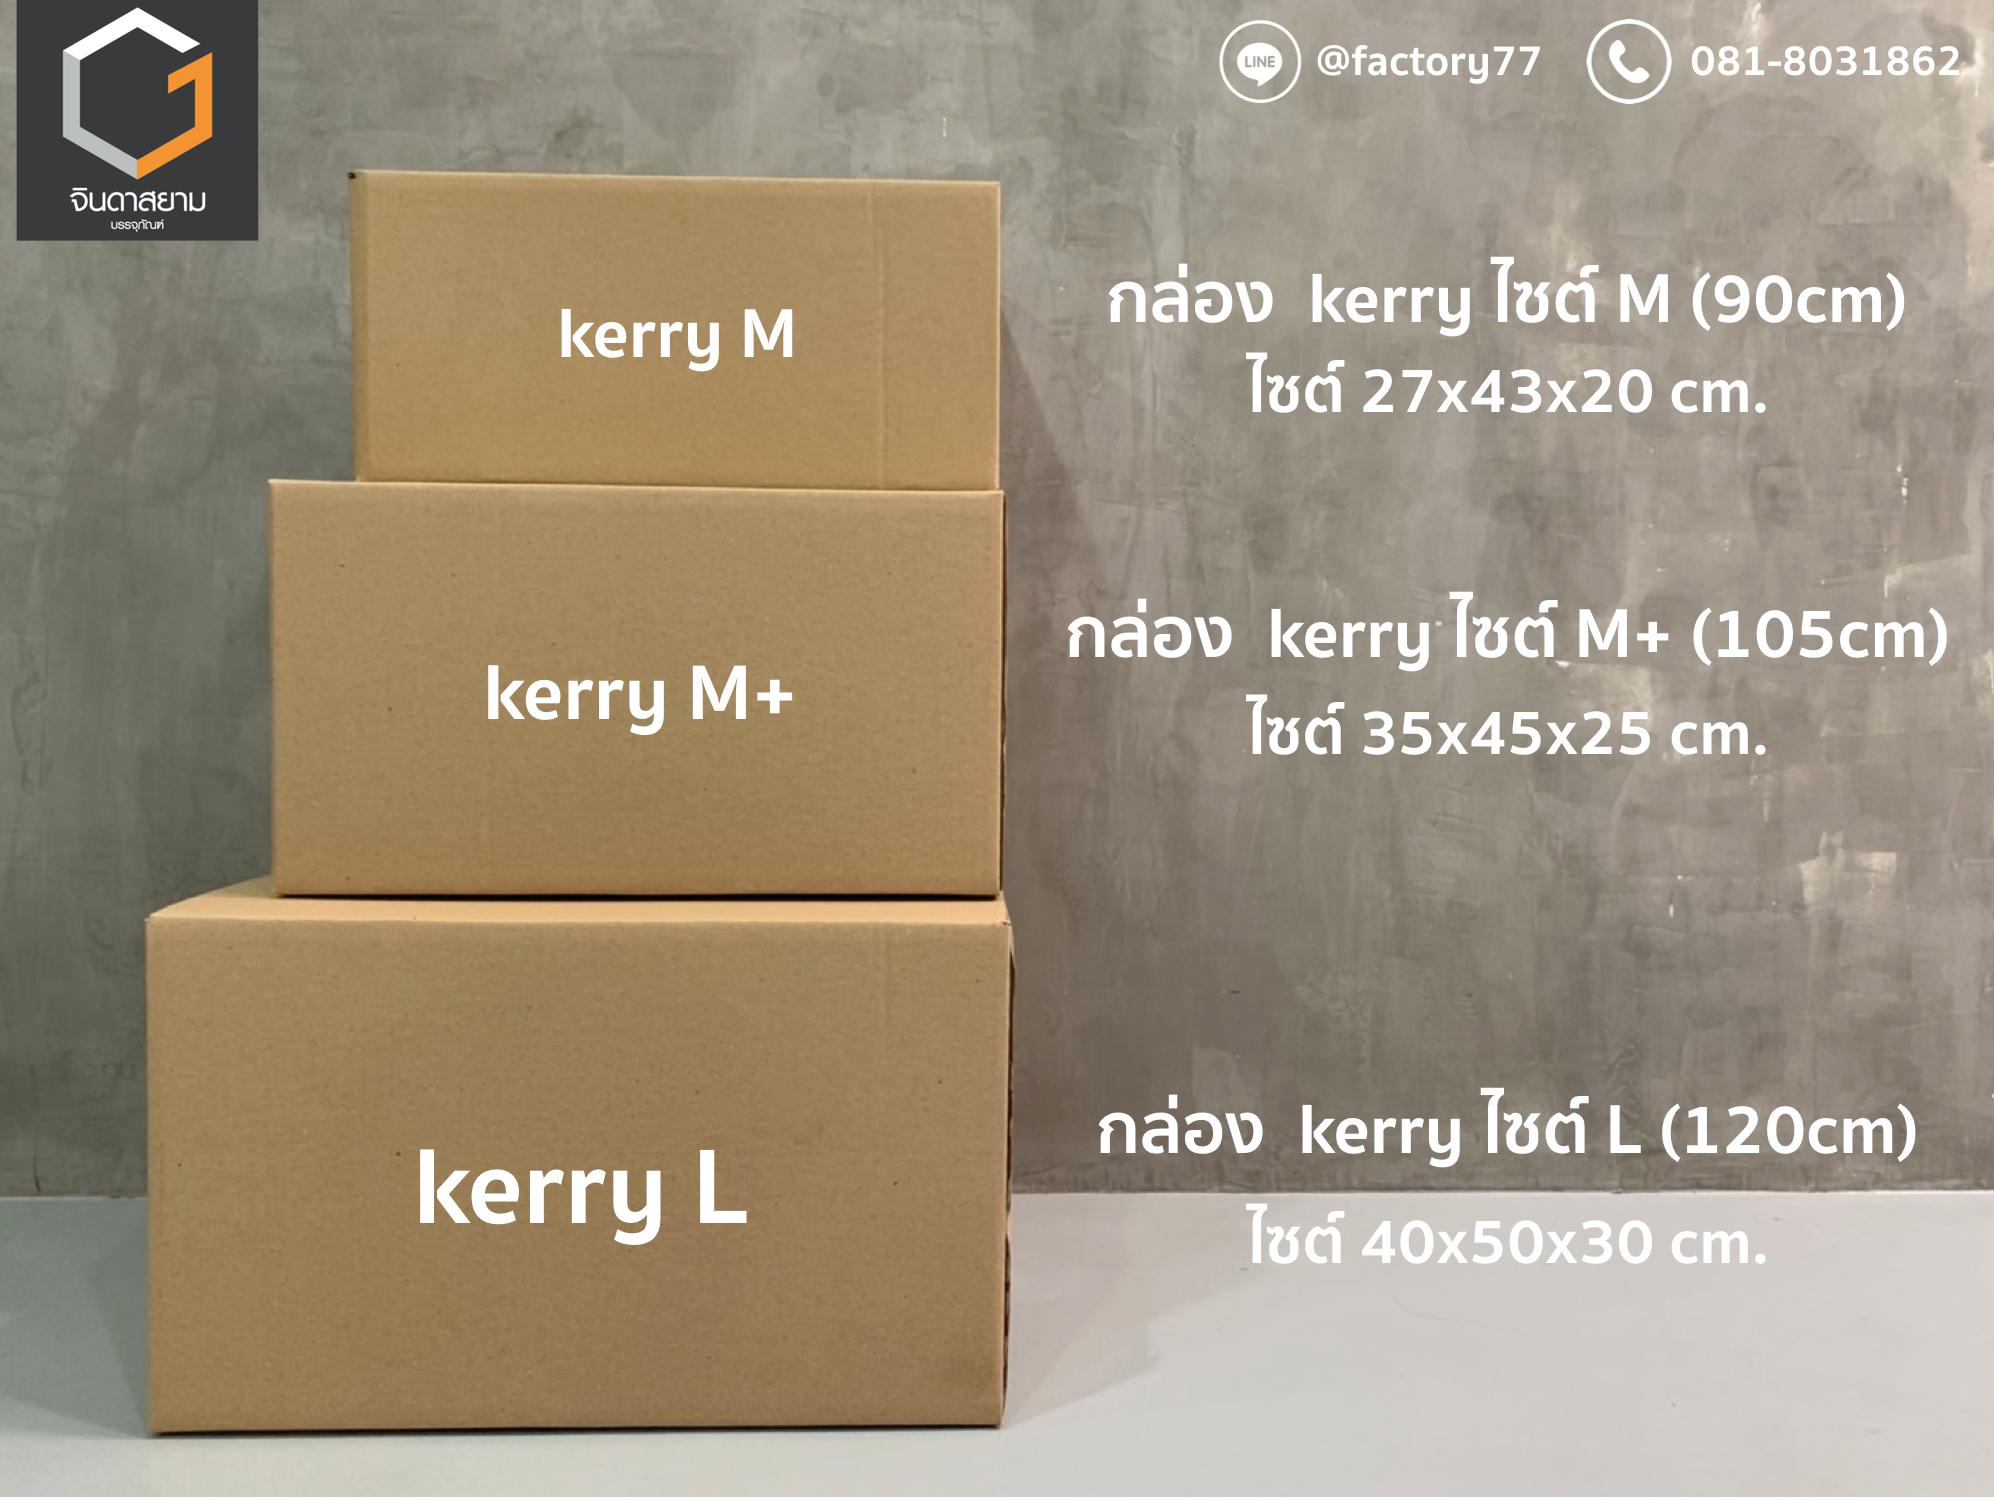 กล่องเคอรี่มีกี่ไซต์เเล้วใช้ไซต์ไหนดี ถึงจะประหยัดค่าส่งที่สุด